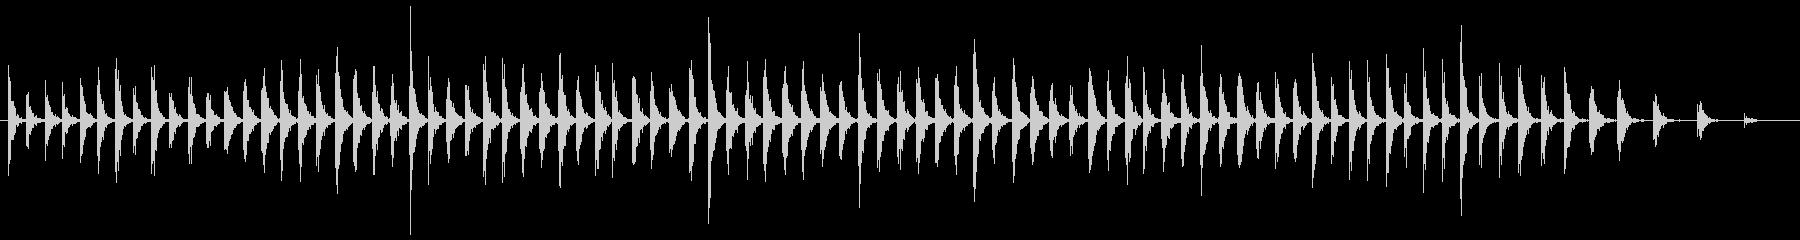 ウッドフロア:カウボーイブーツ:実...の未再生の波形